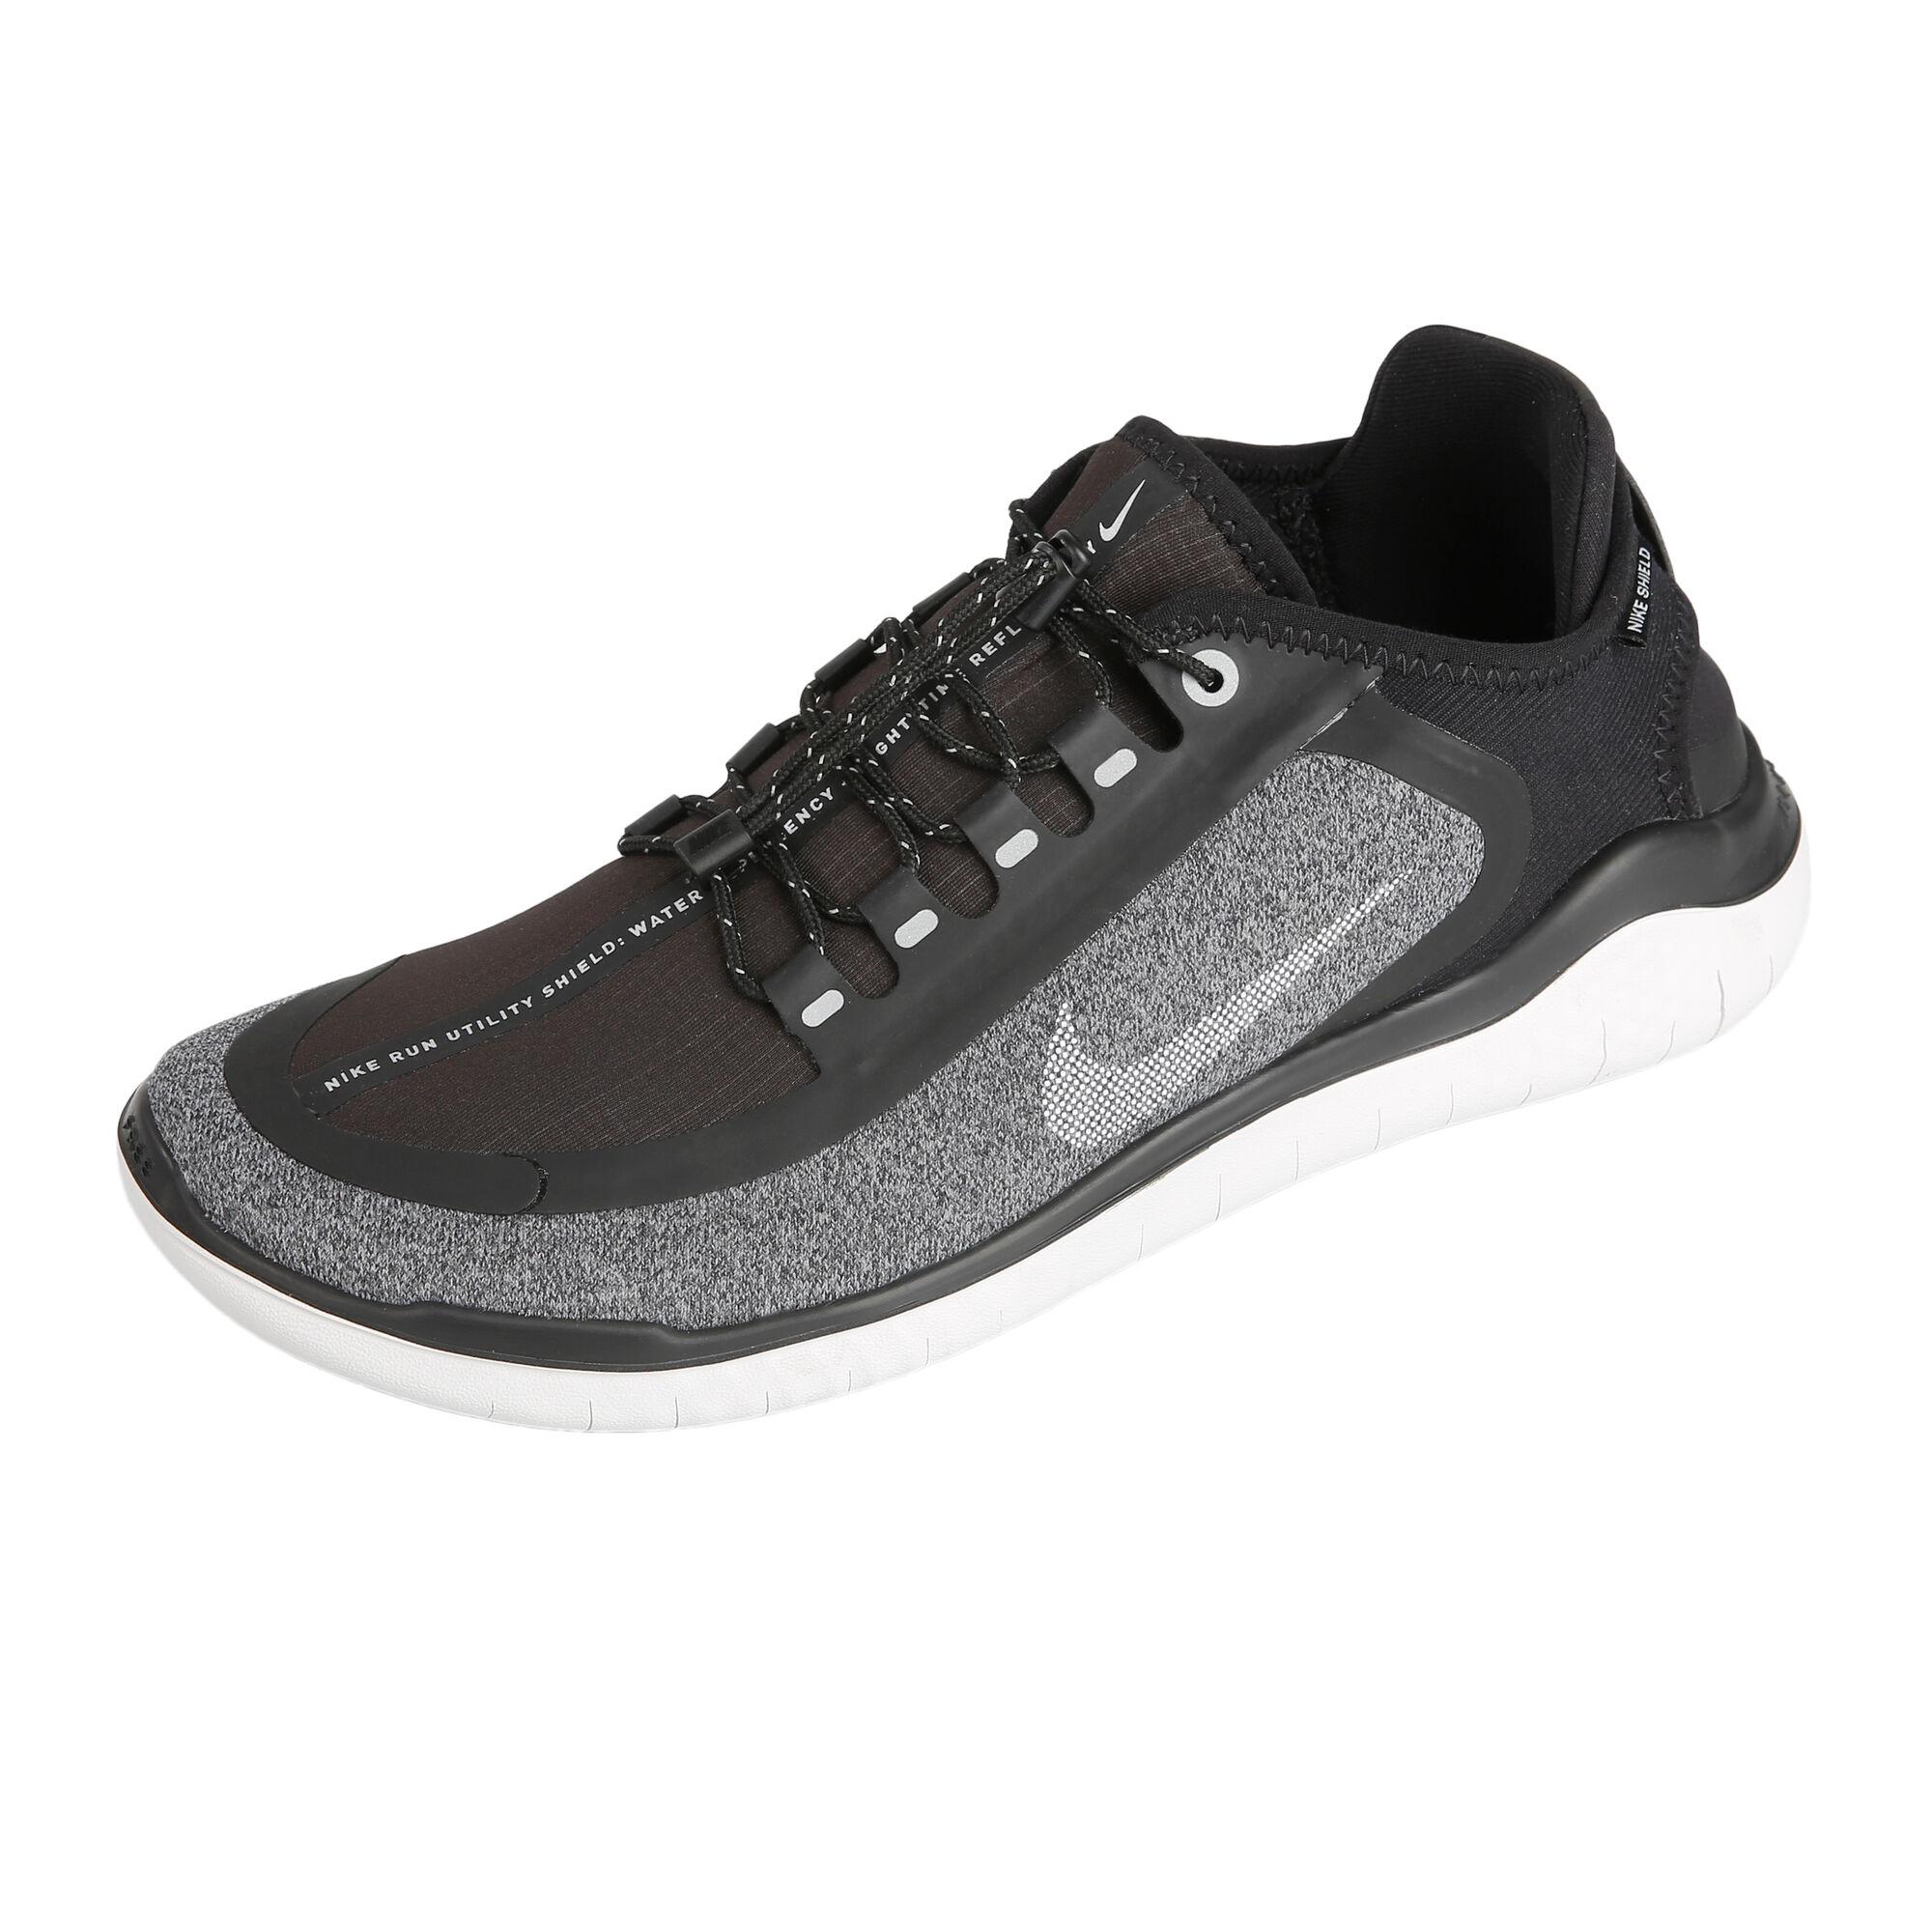 885f740192a31b Nike  Nike  Nike  Nike  Nike  Nike  Nike  Nike  Nike. Free Run 2018 ...